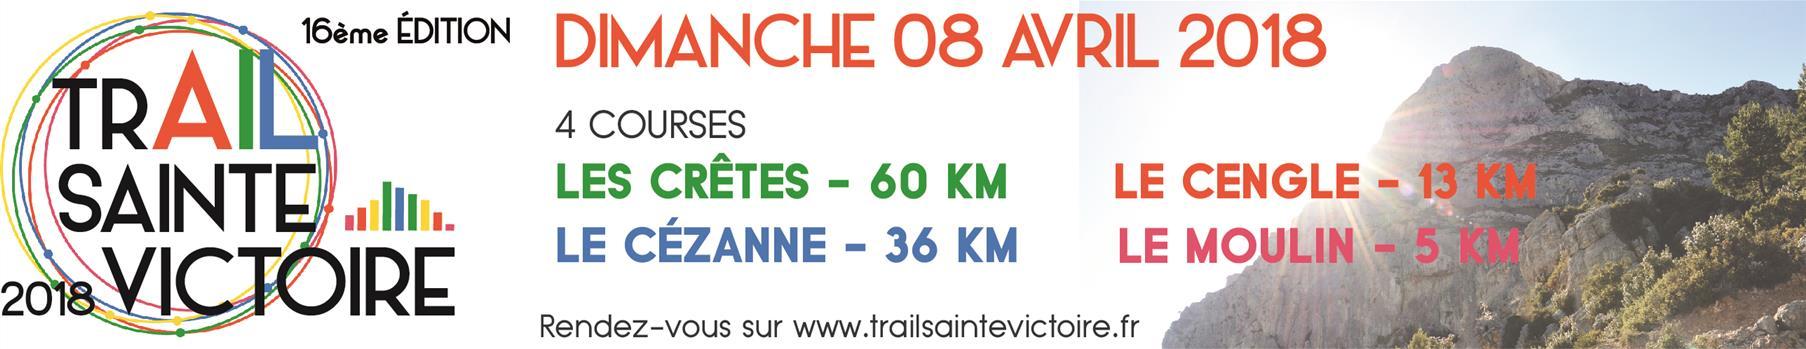 Trail Sainte Victoire - A Chacun Son Everest